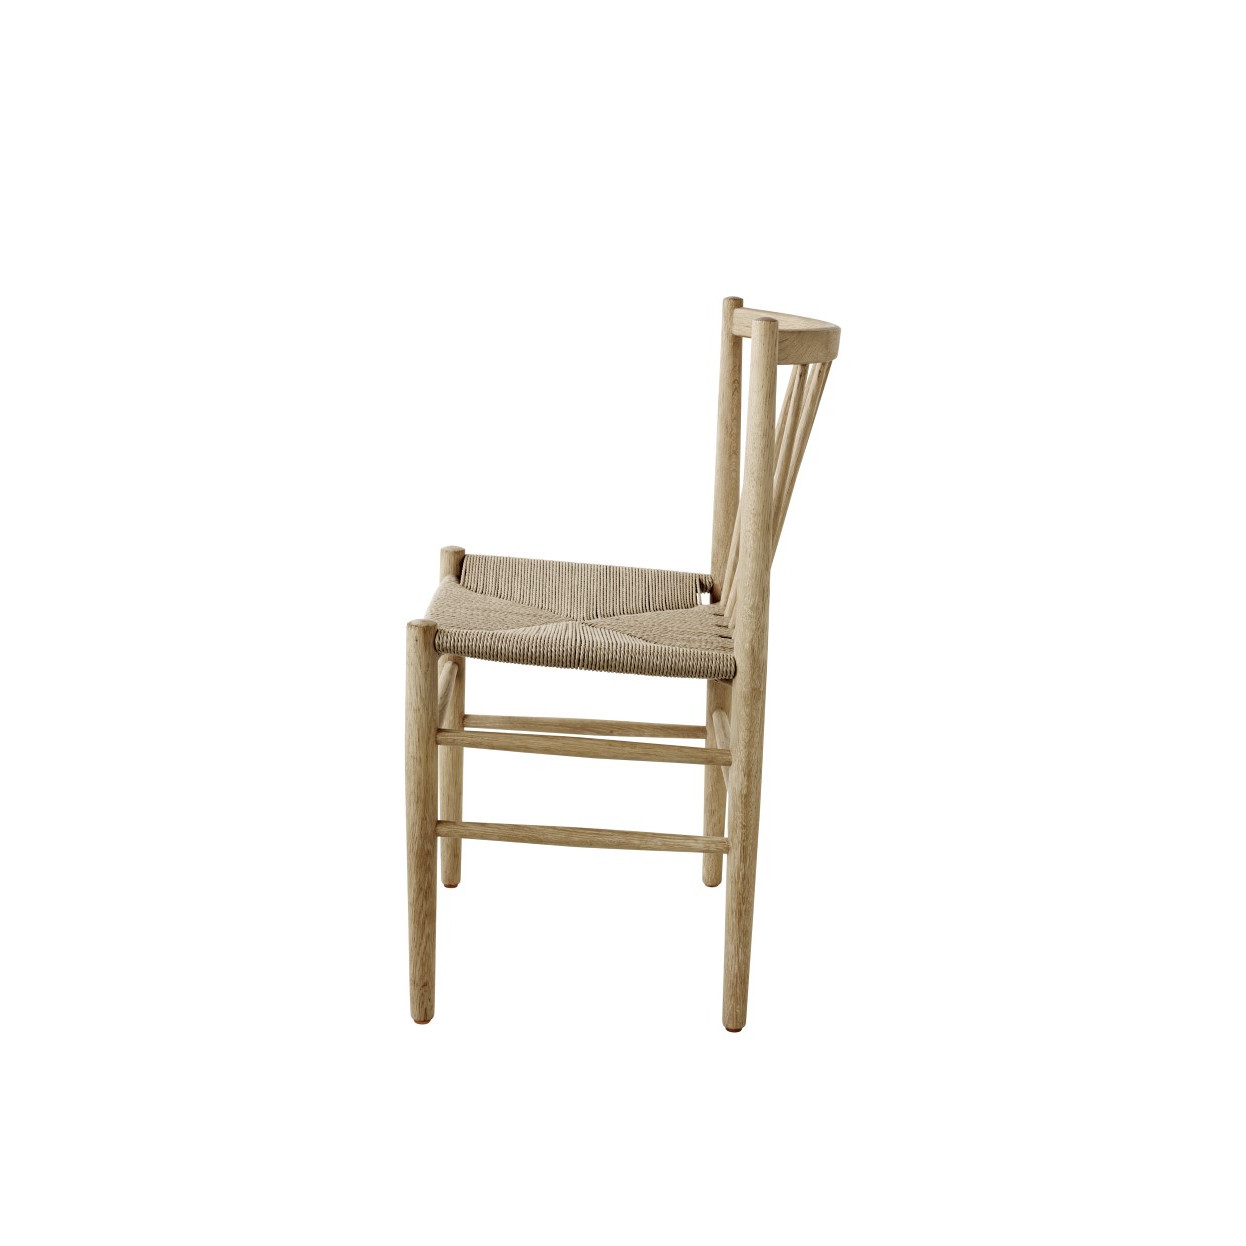 Chair J80 | Oak